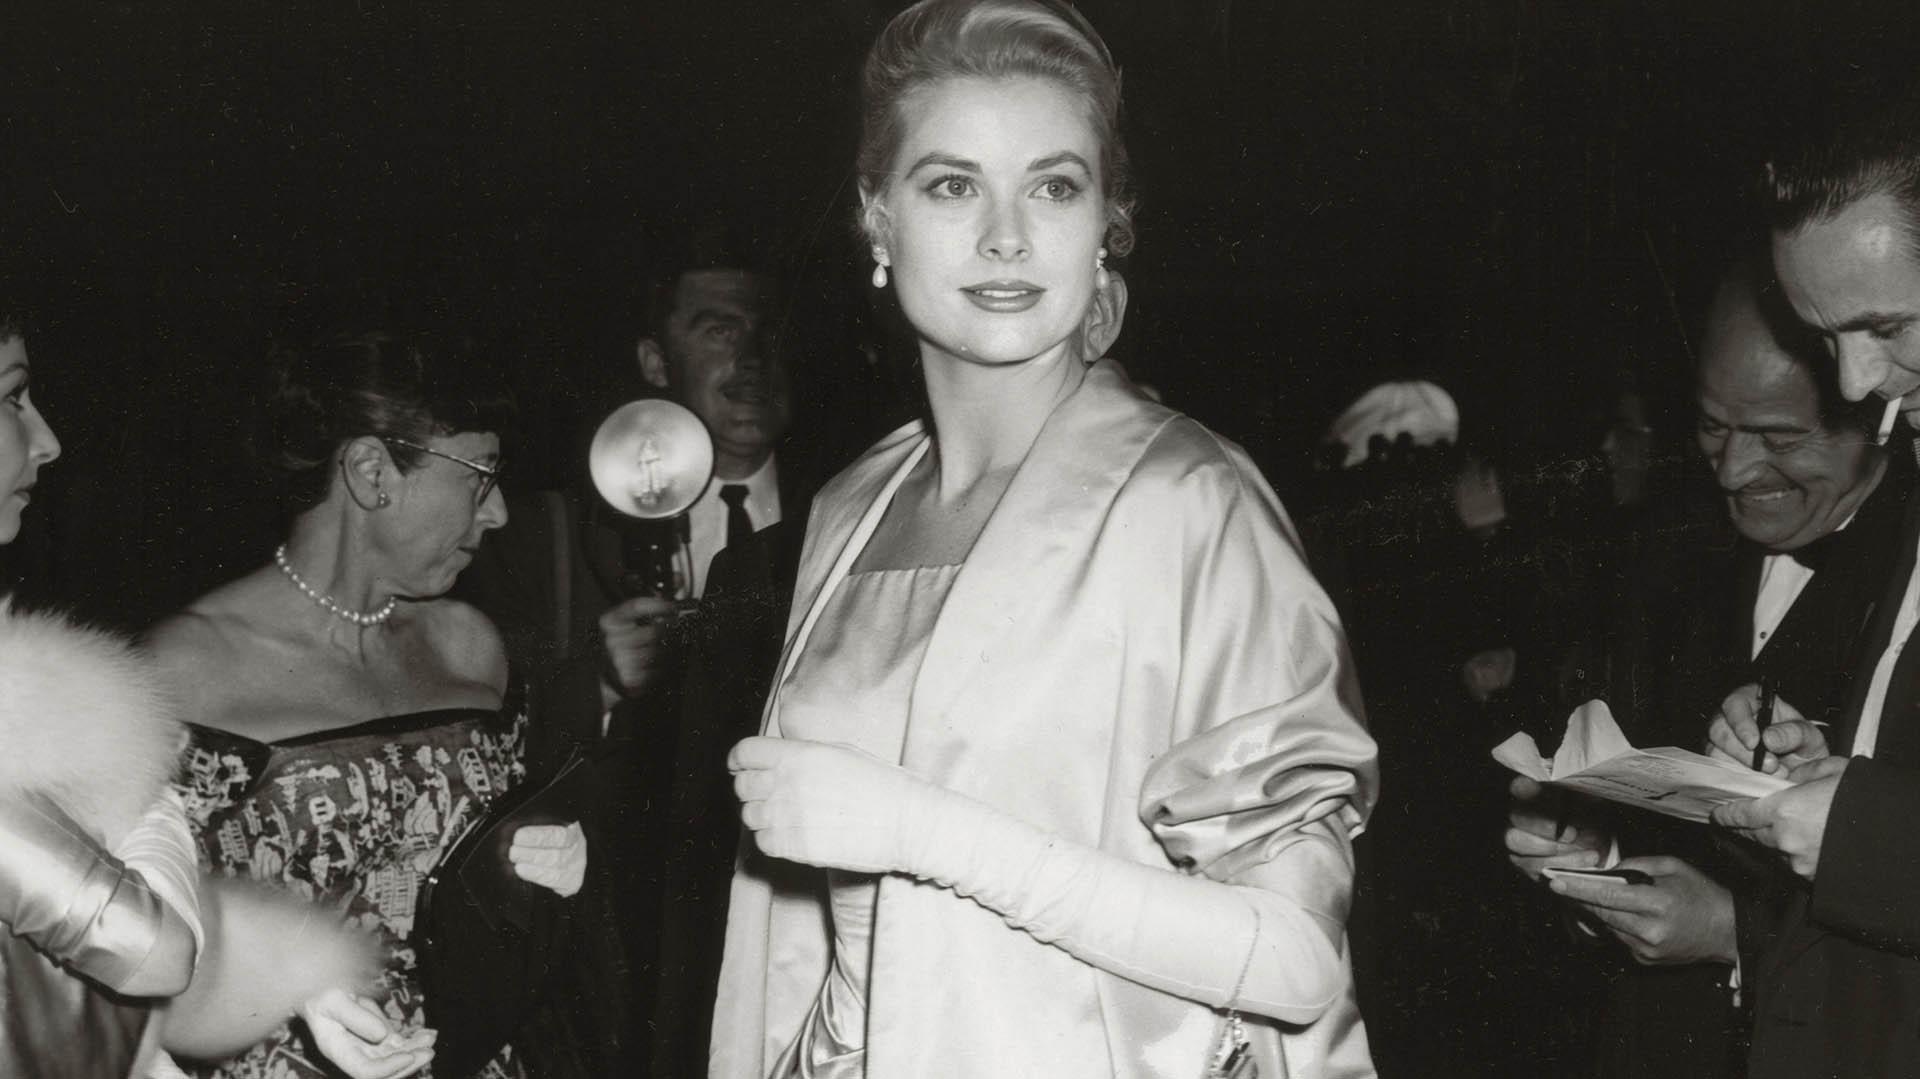 A 36 años de la trágica muerte de Grace Kelly, reina de Hollywood y  Princesa de Mónaco: una increíble vida de dos caras - Infobae